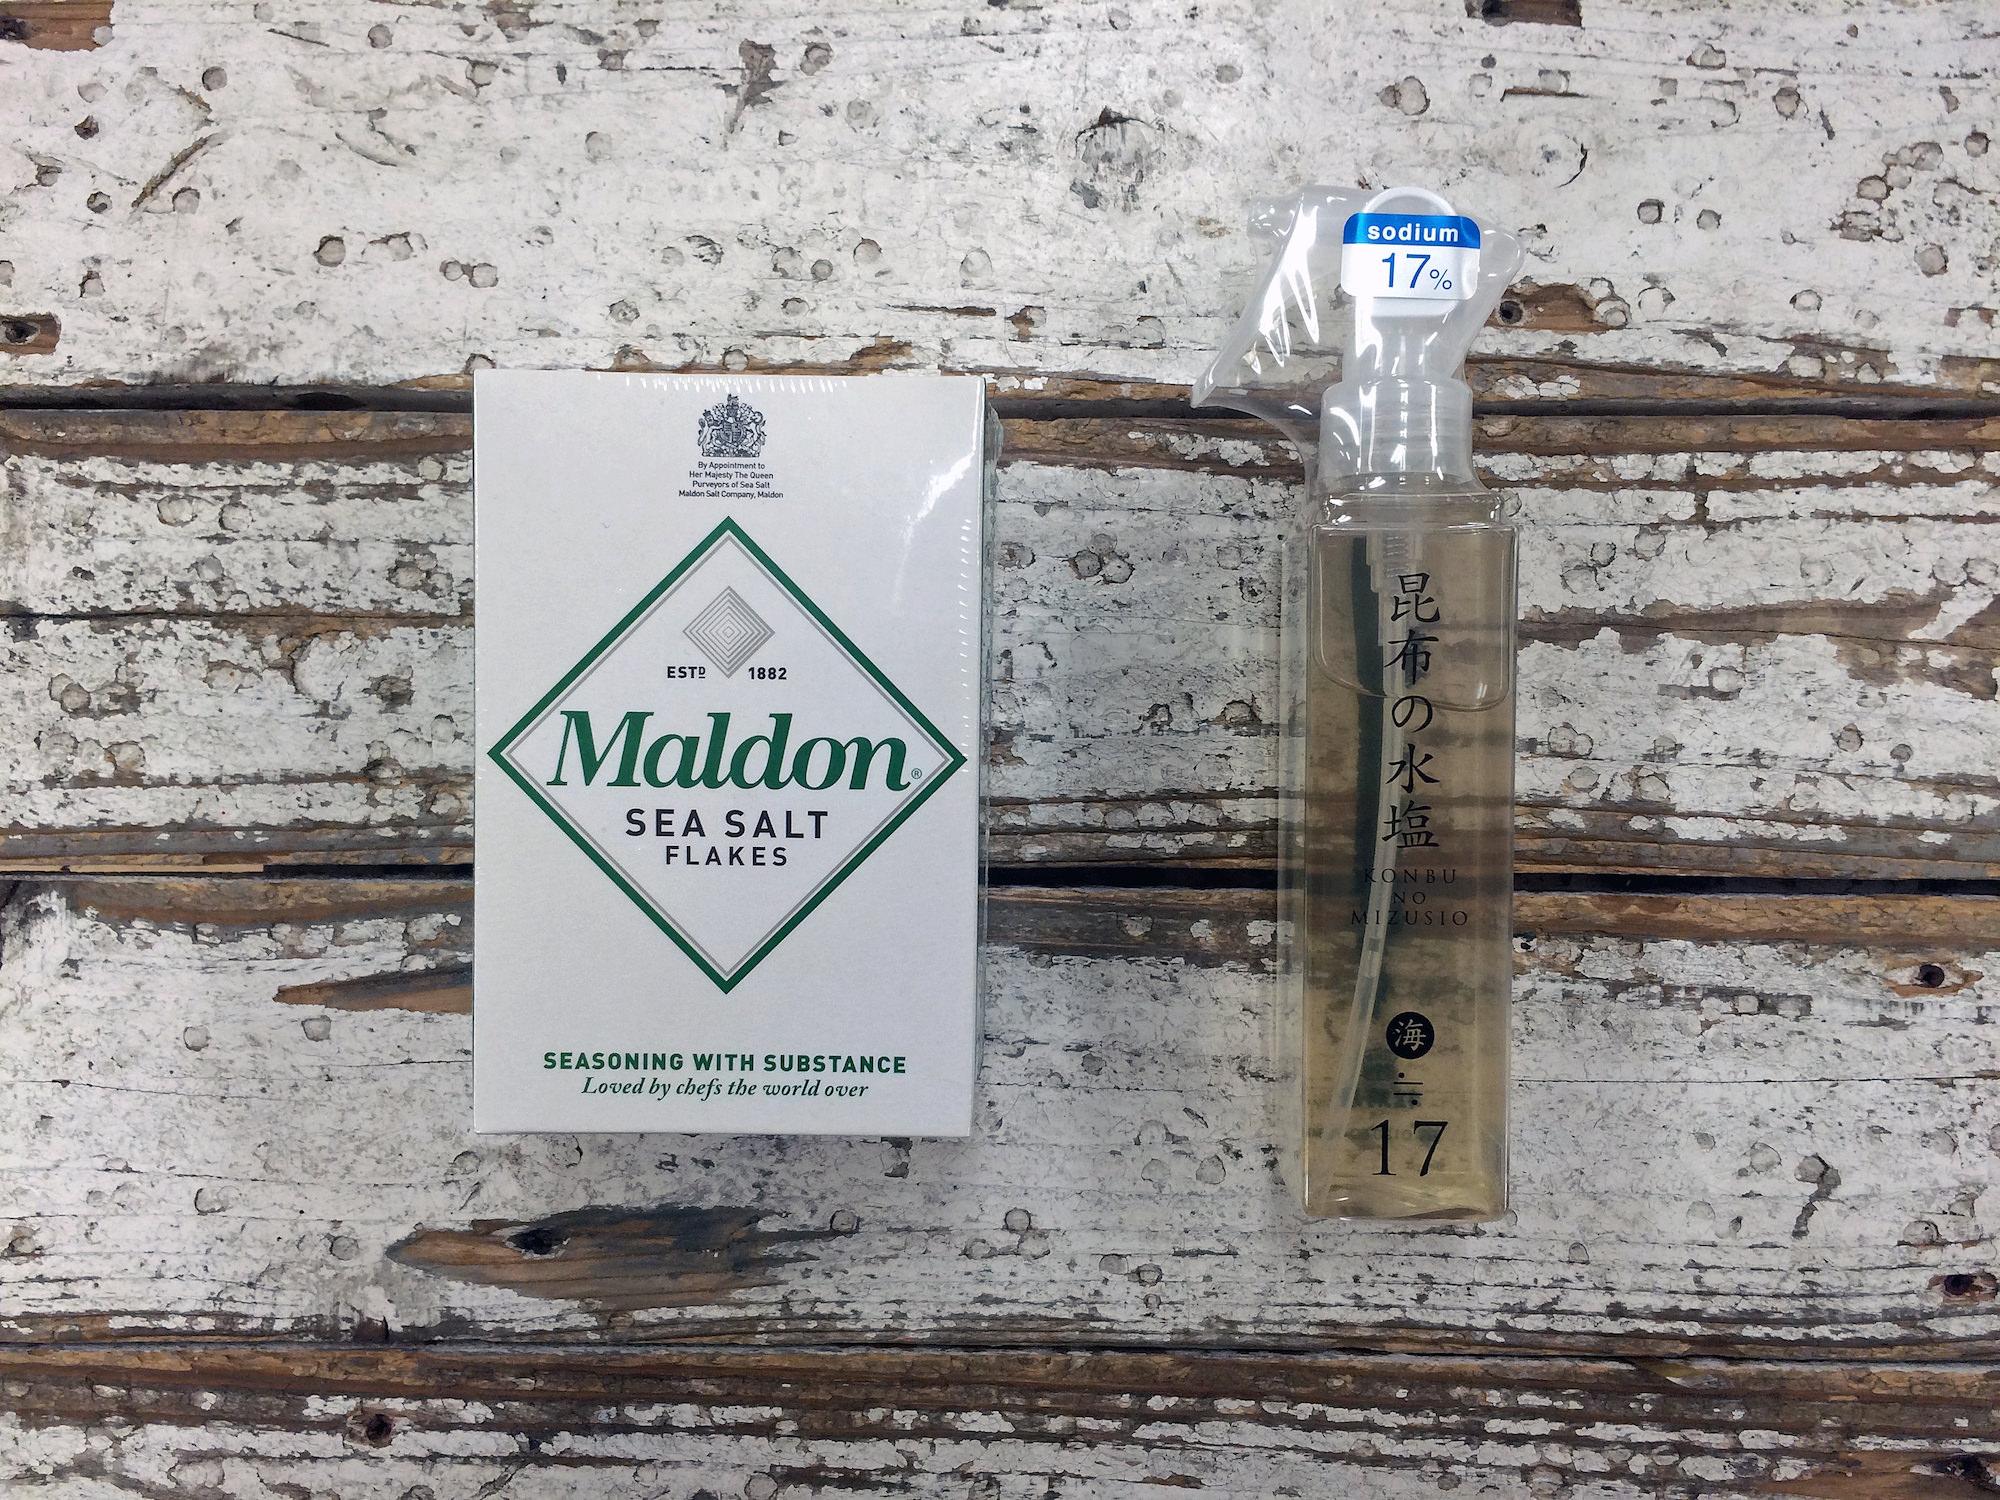 『マルドンのシーソルト』(と『昆布の水塩』